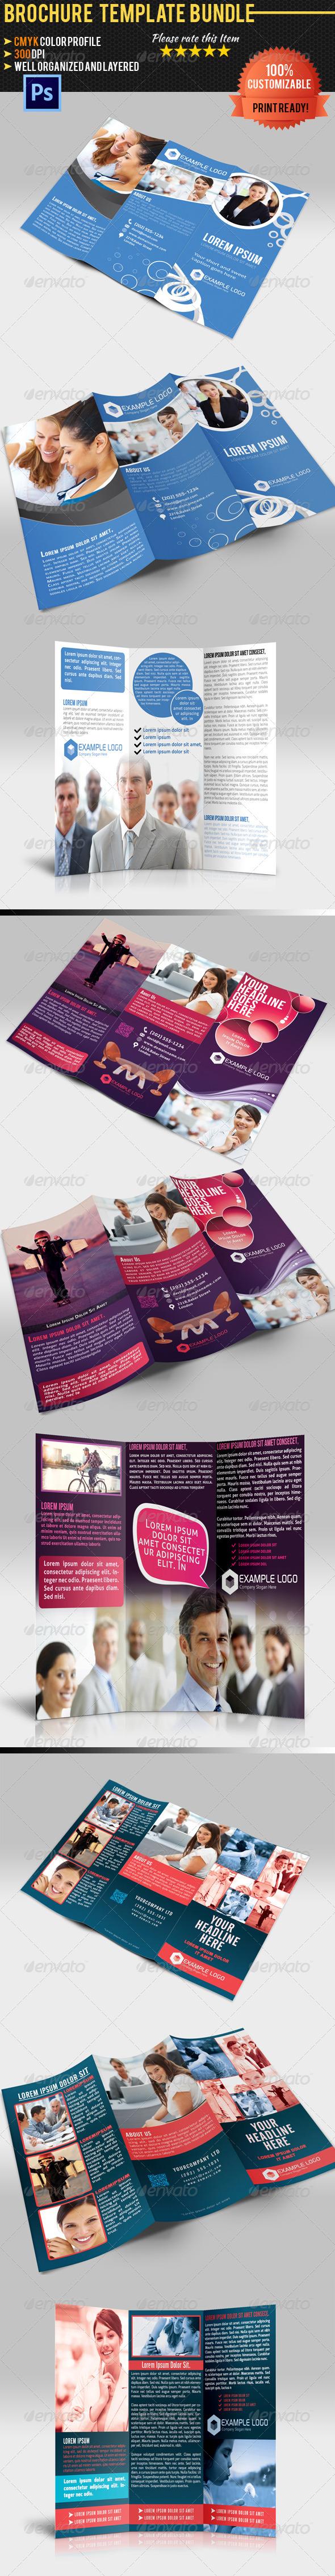 Tri-Fold Corporate Business Brochure Bundle 01 - Corporate Brochures